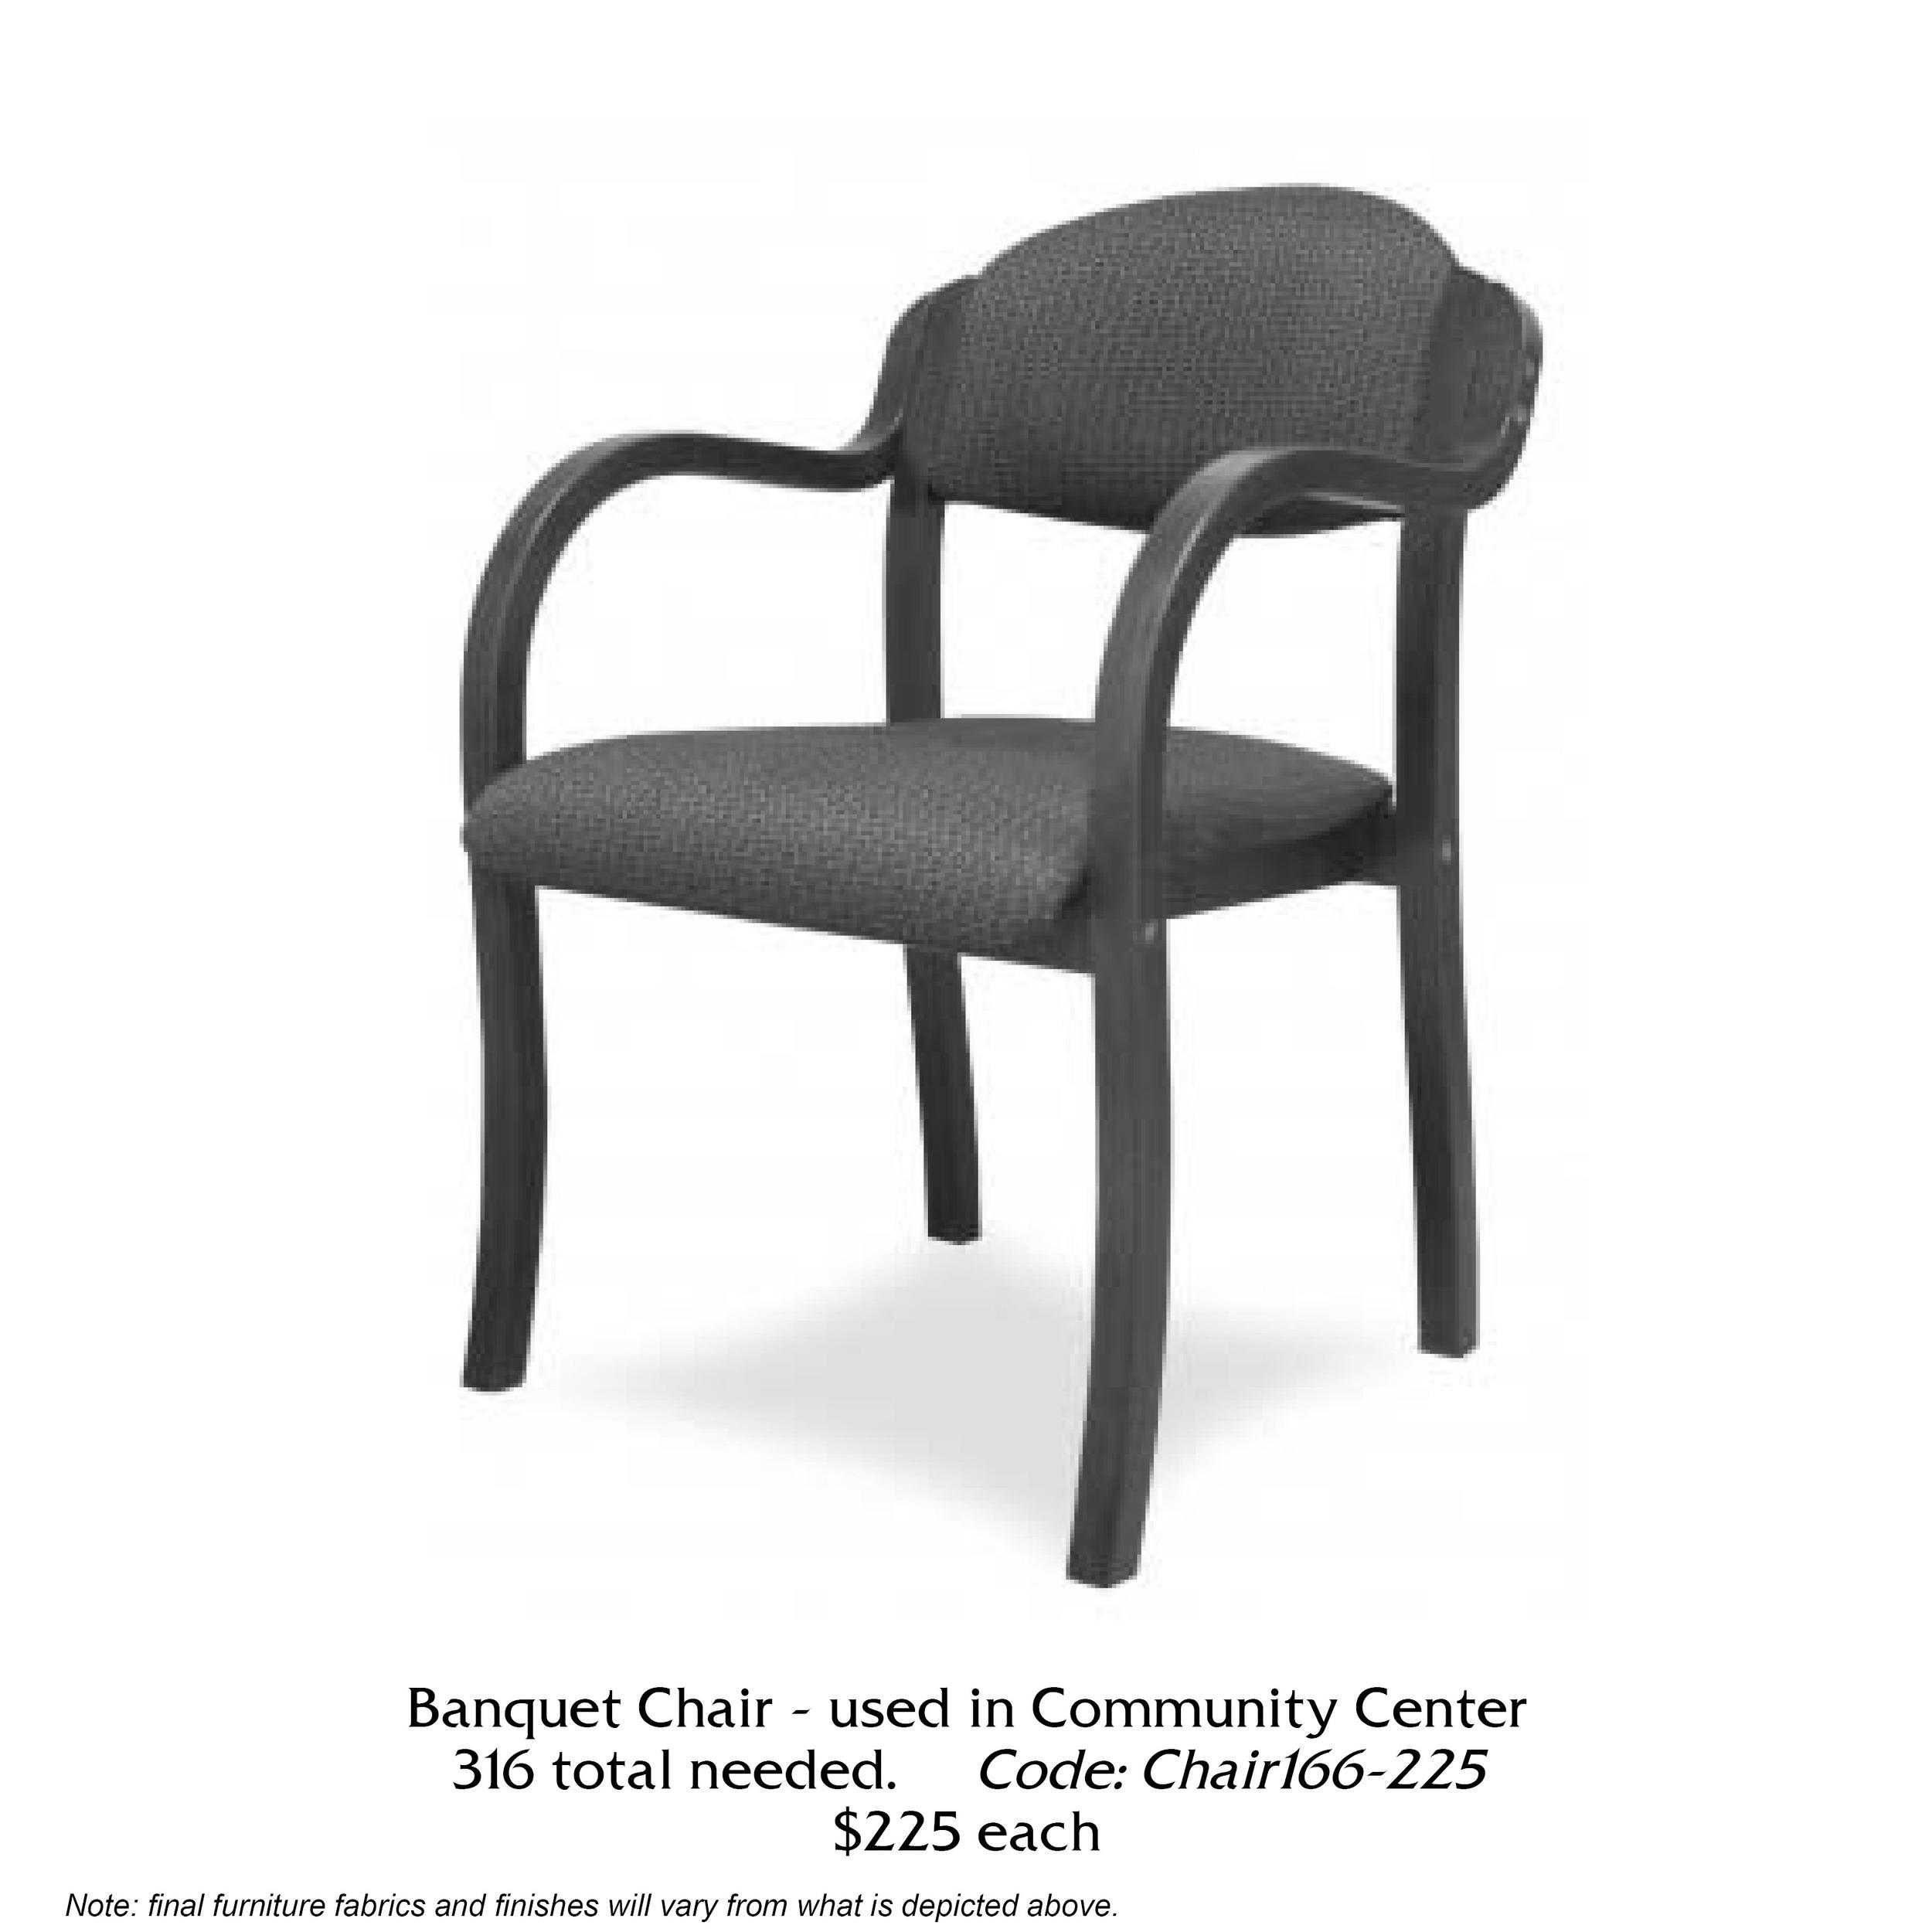 C139-F166-Banquet Chair - 316.jpg